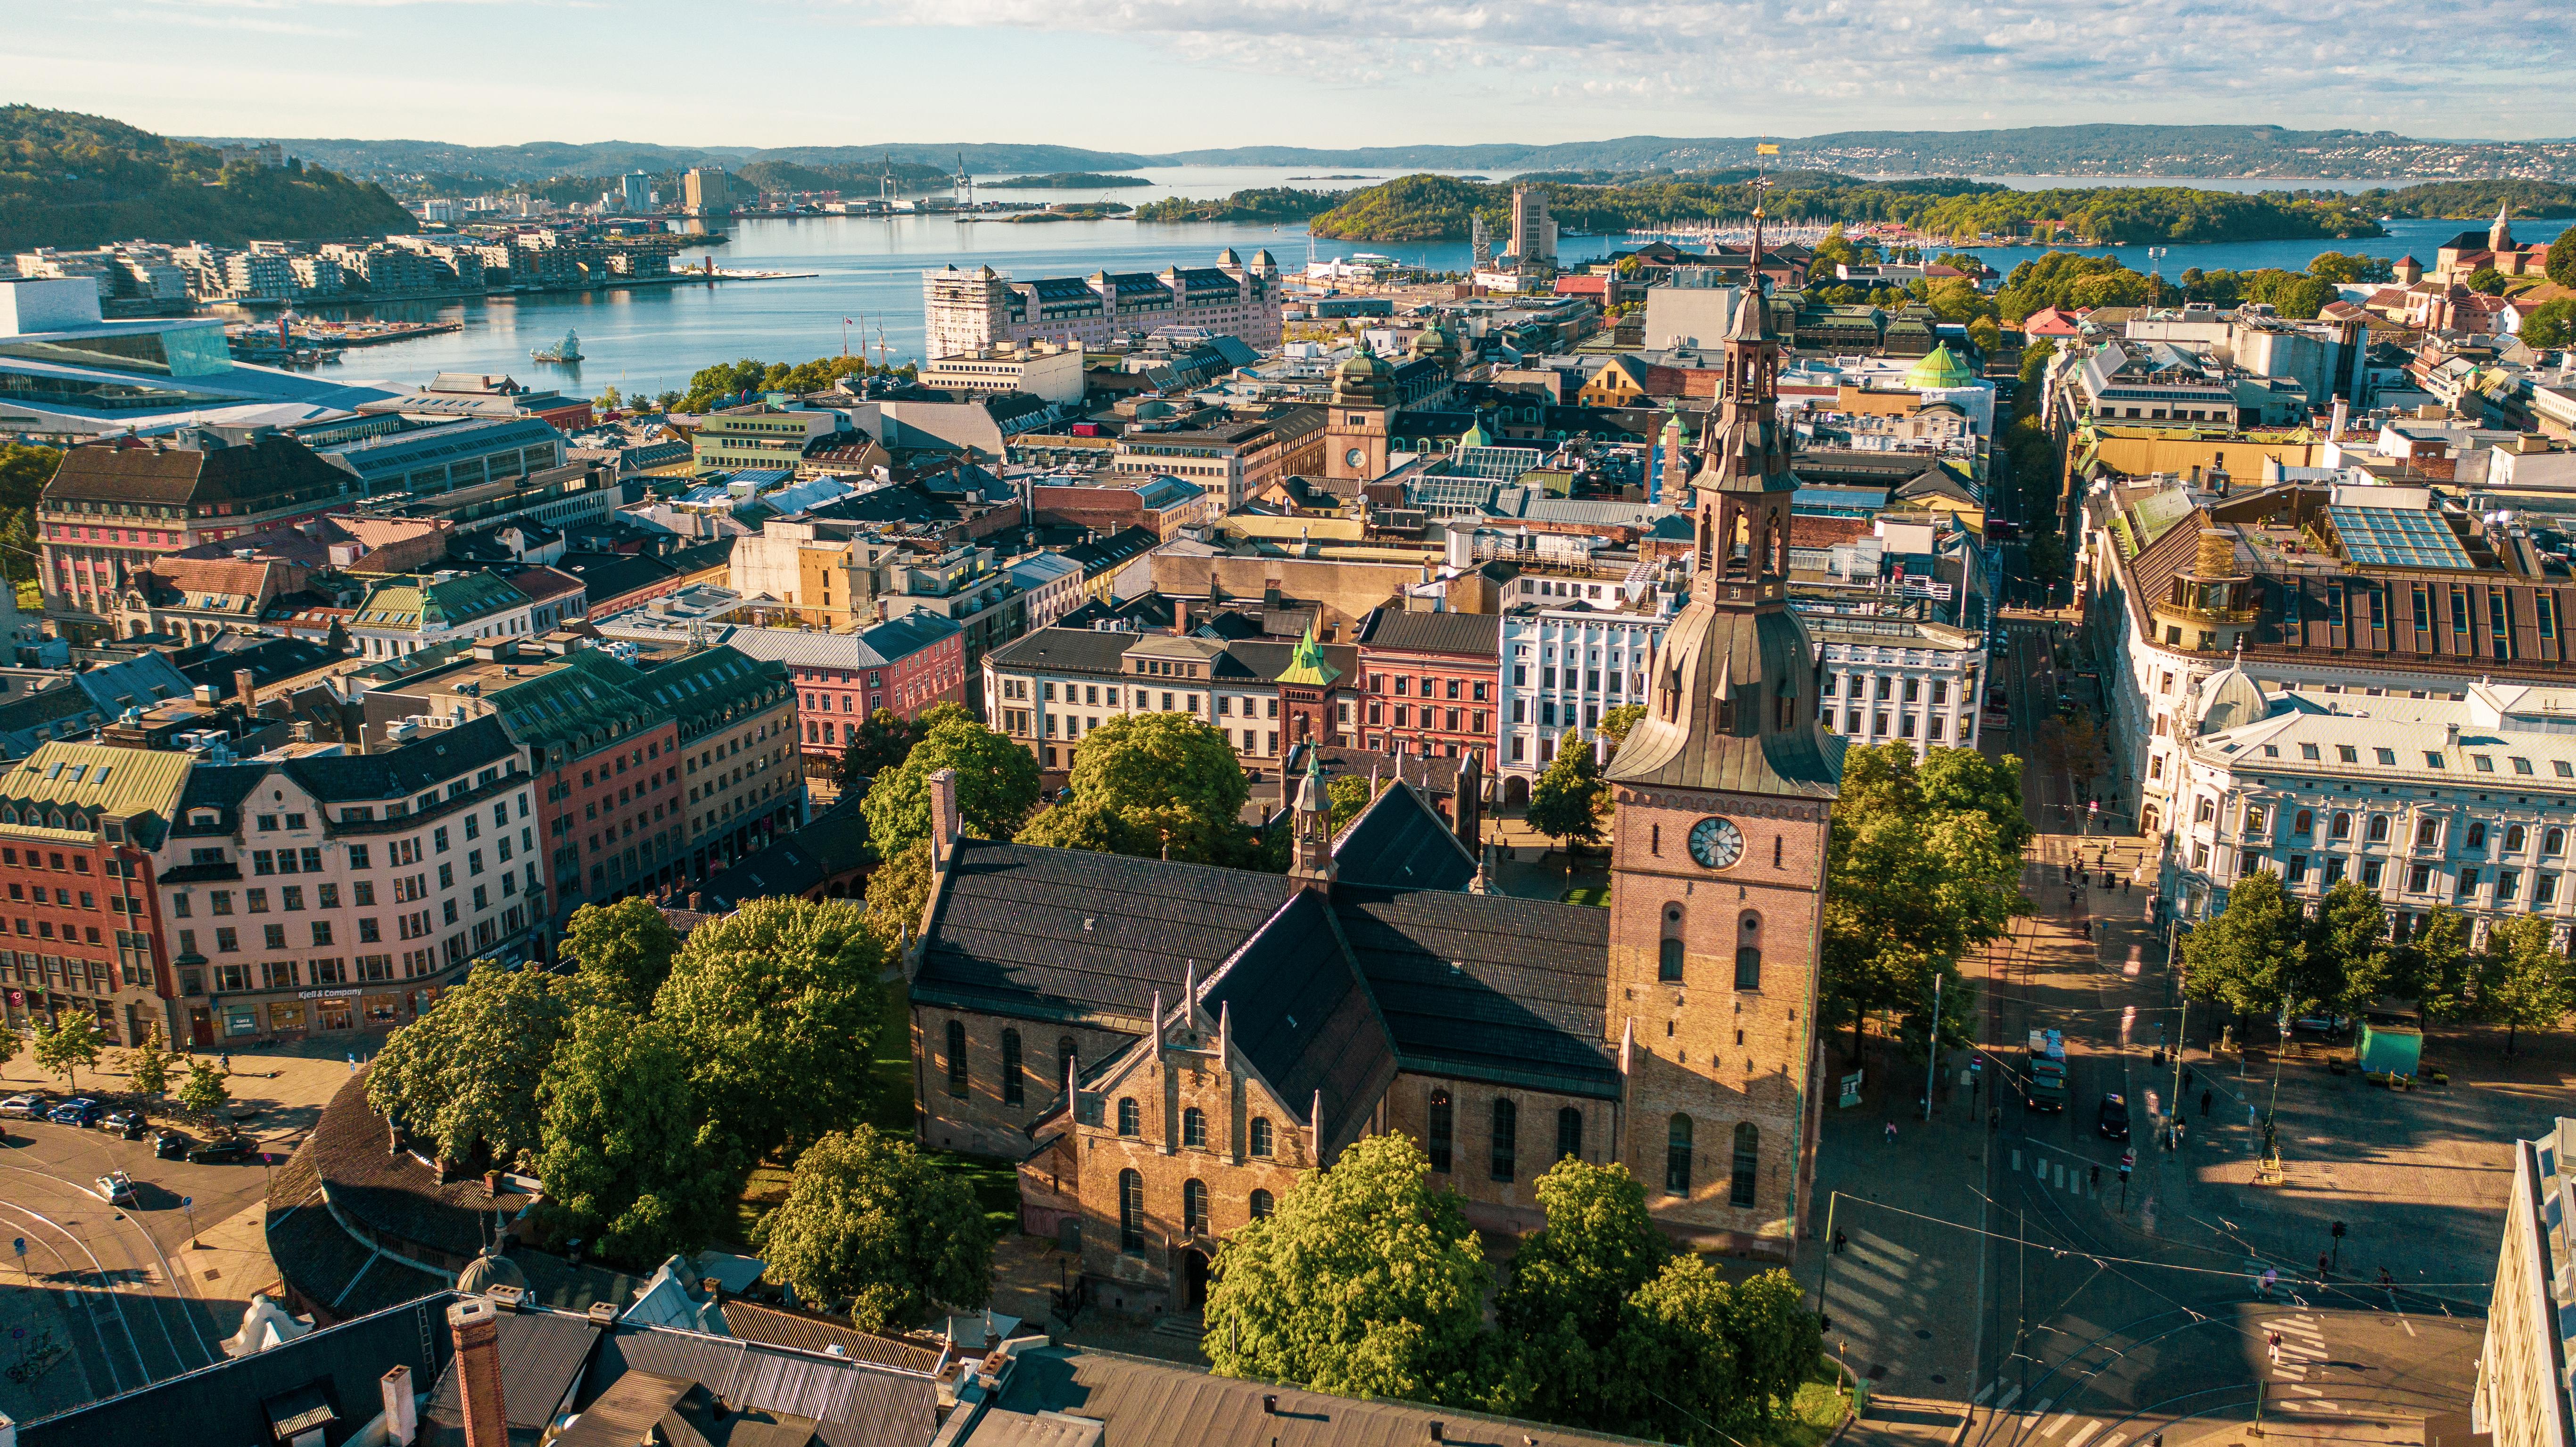 Осло, столица Норвегии, ВНЖ которой могут получить иностранцы